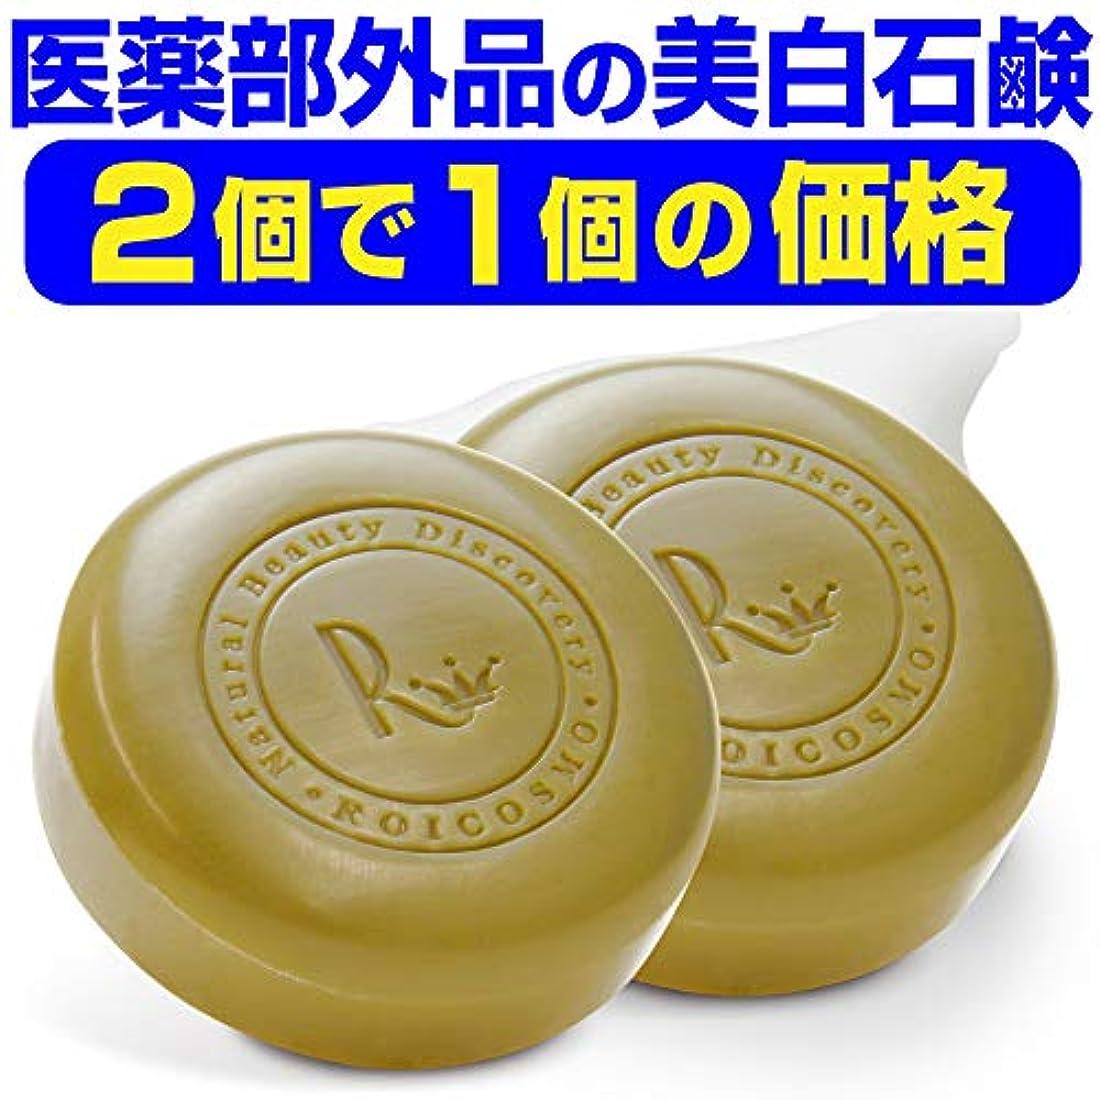 旅行代理店呼吸する遠洋の2個で1個の価格(実質50%OFF) ビタミンC270倍の美白成分配合『ホワイトソープ100g×2個で1個の価格』